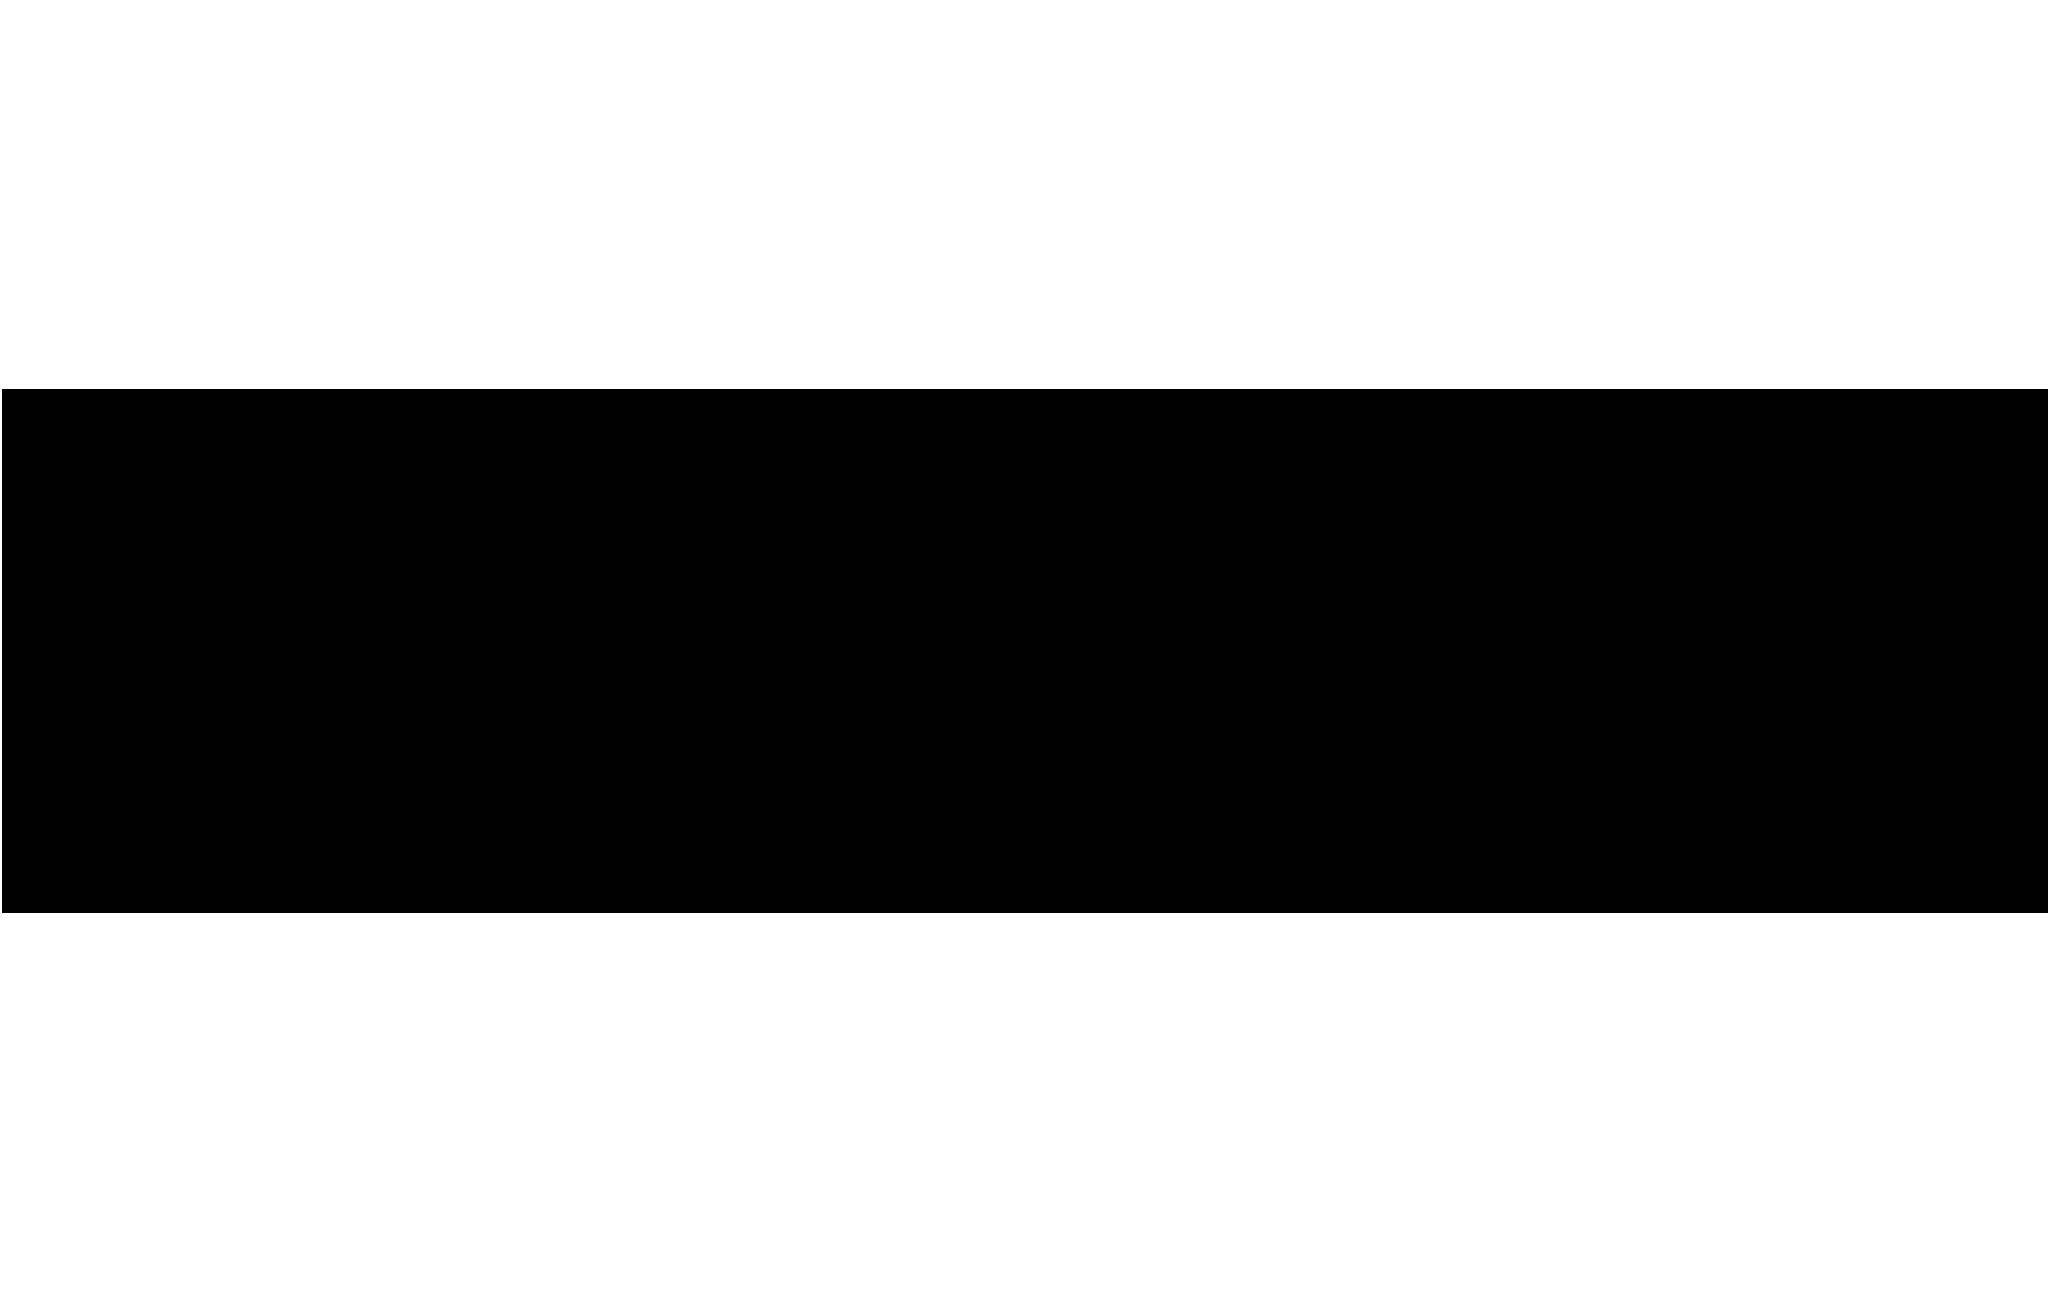 BaByliss logo